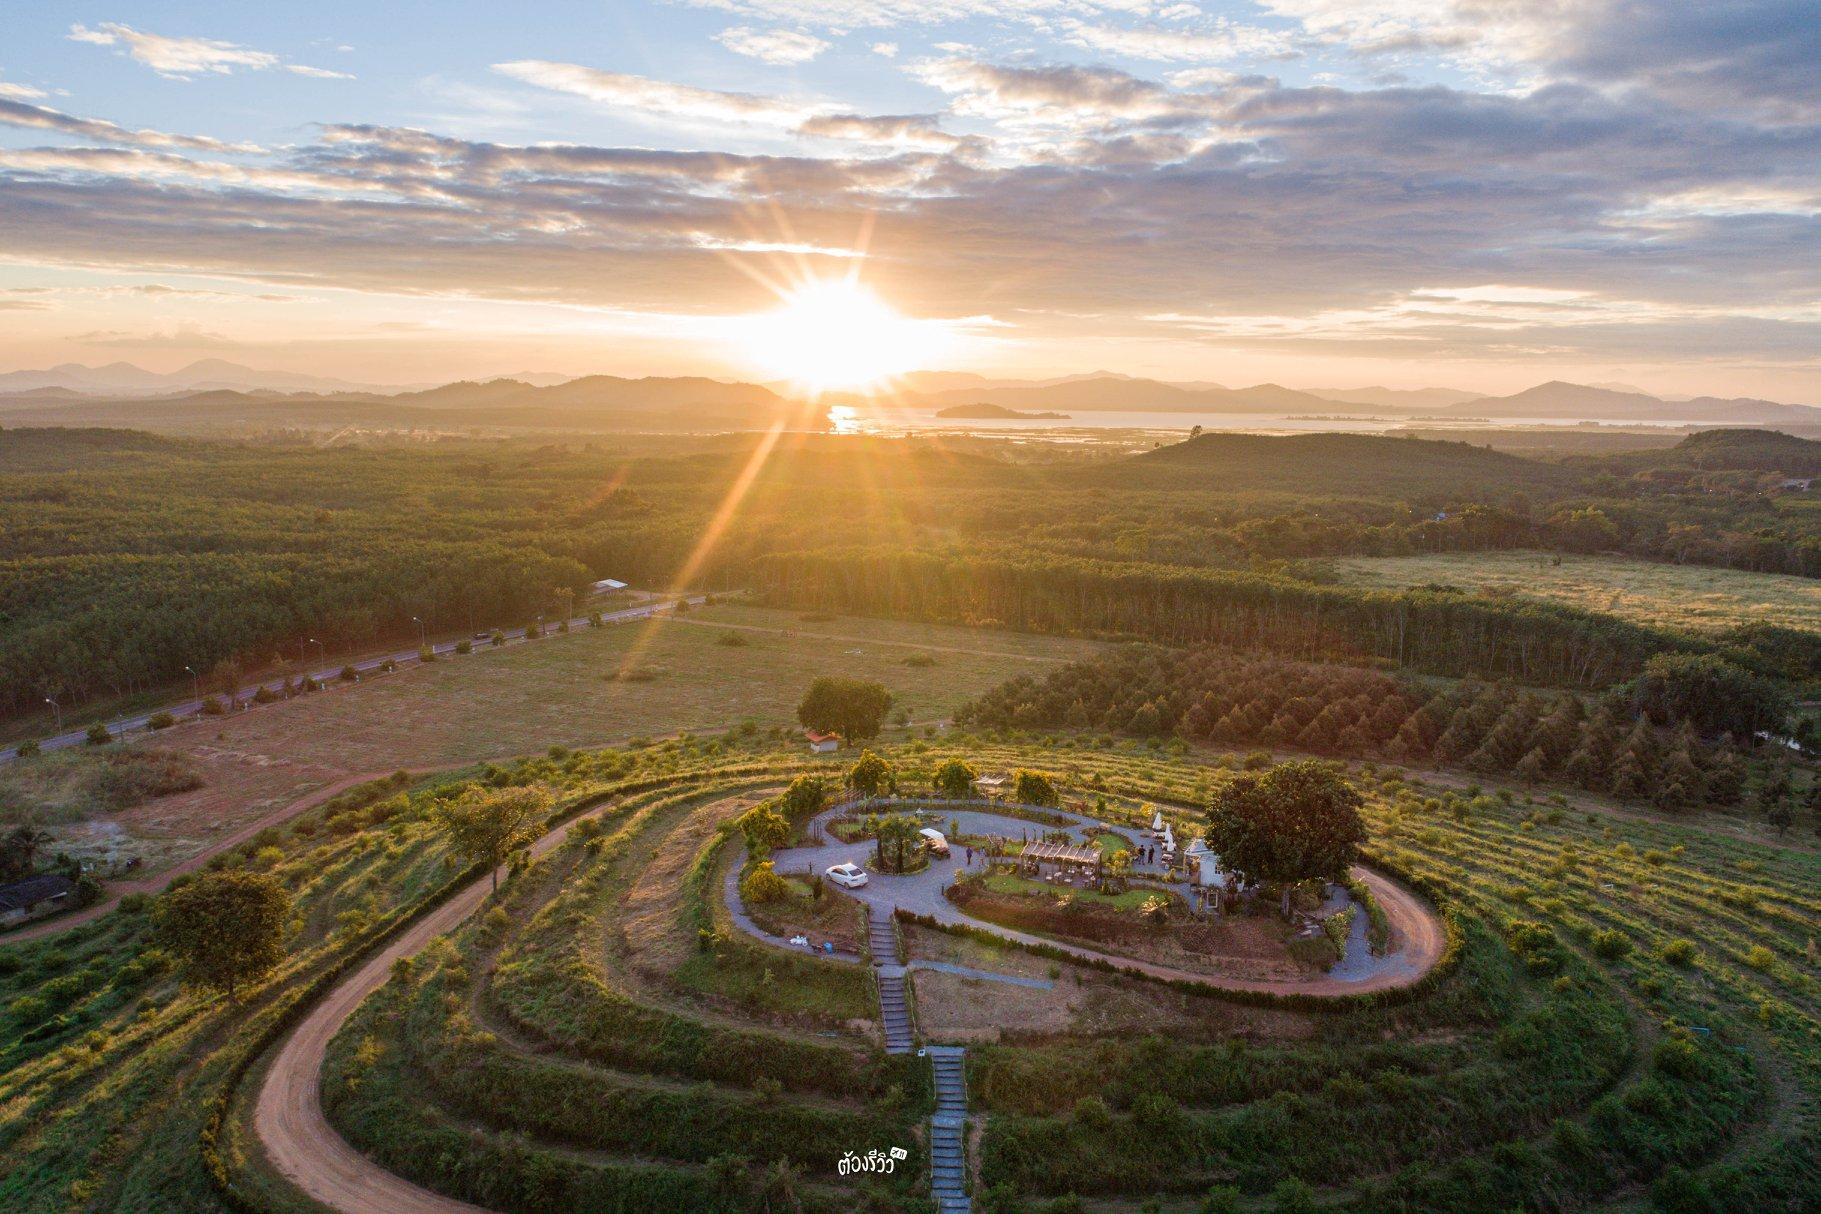 สวนเย็นเซ ระยอง คาเฟ่เปิดใหม่วิวสวย สามารถถ่ายภาพแบบพาโนราม่าได้ด้วย